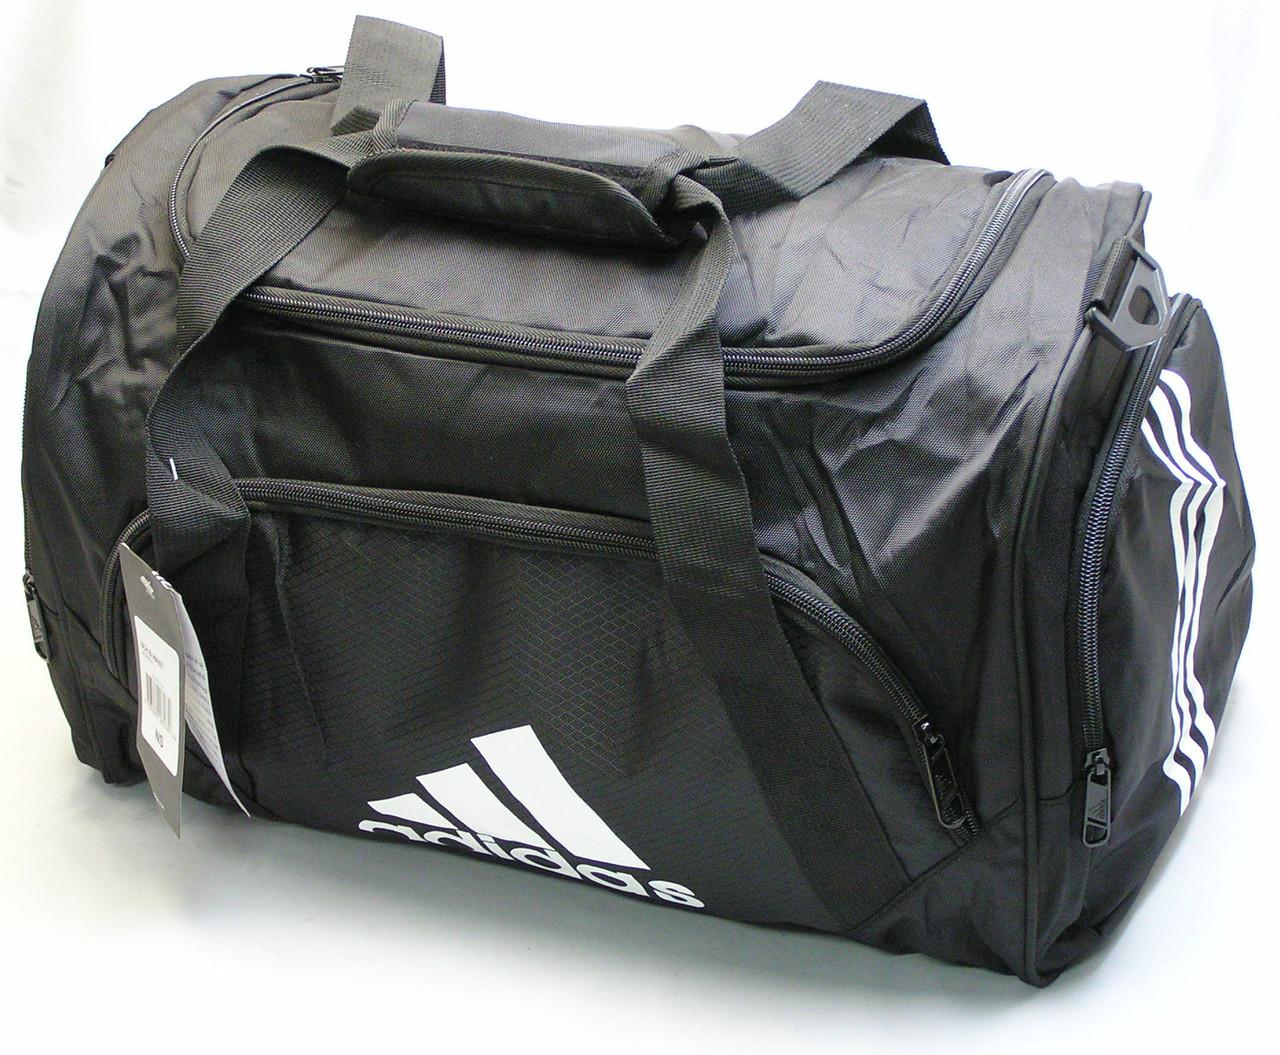 d2f78a2fc877 Большая дорожная сумка Аdidas. Вместительная спортивная сумка. Практичная в  использовании сумка. Код: